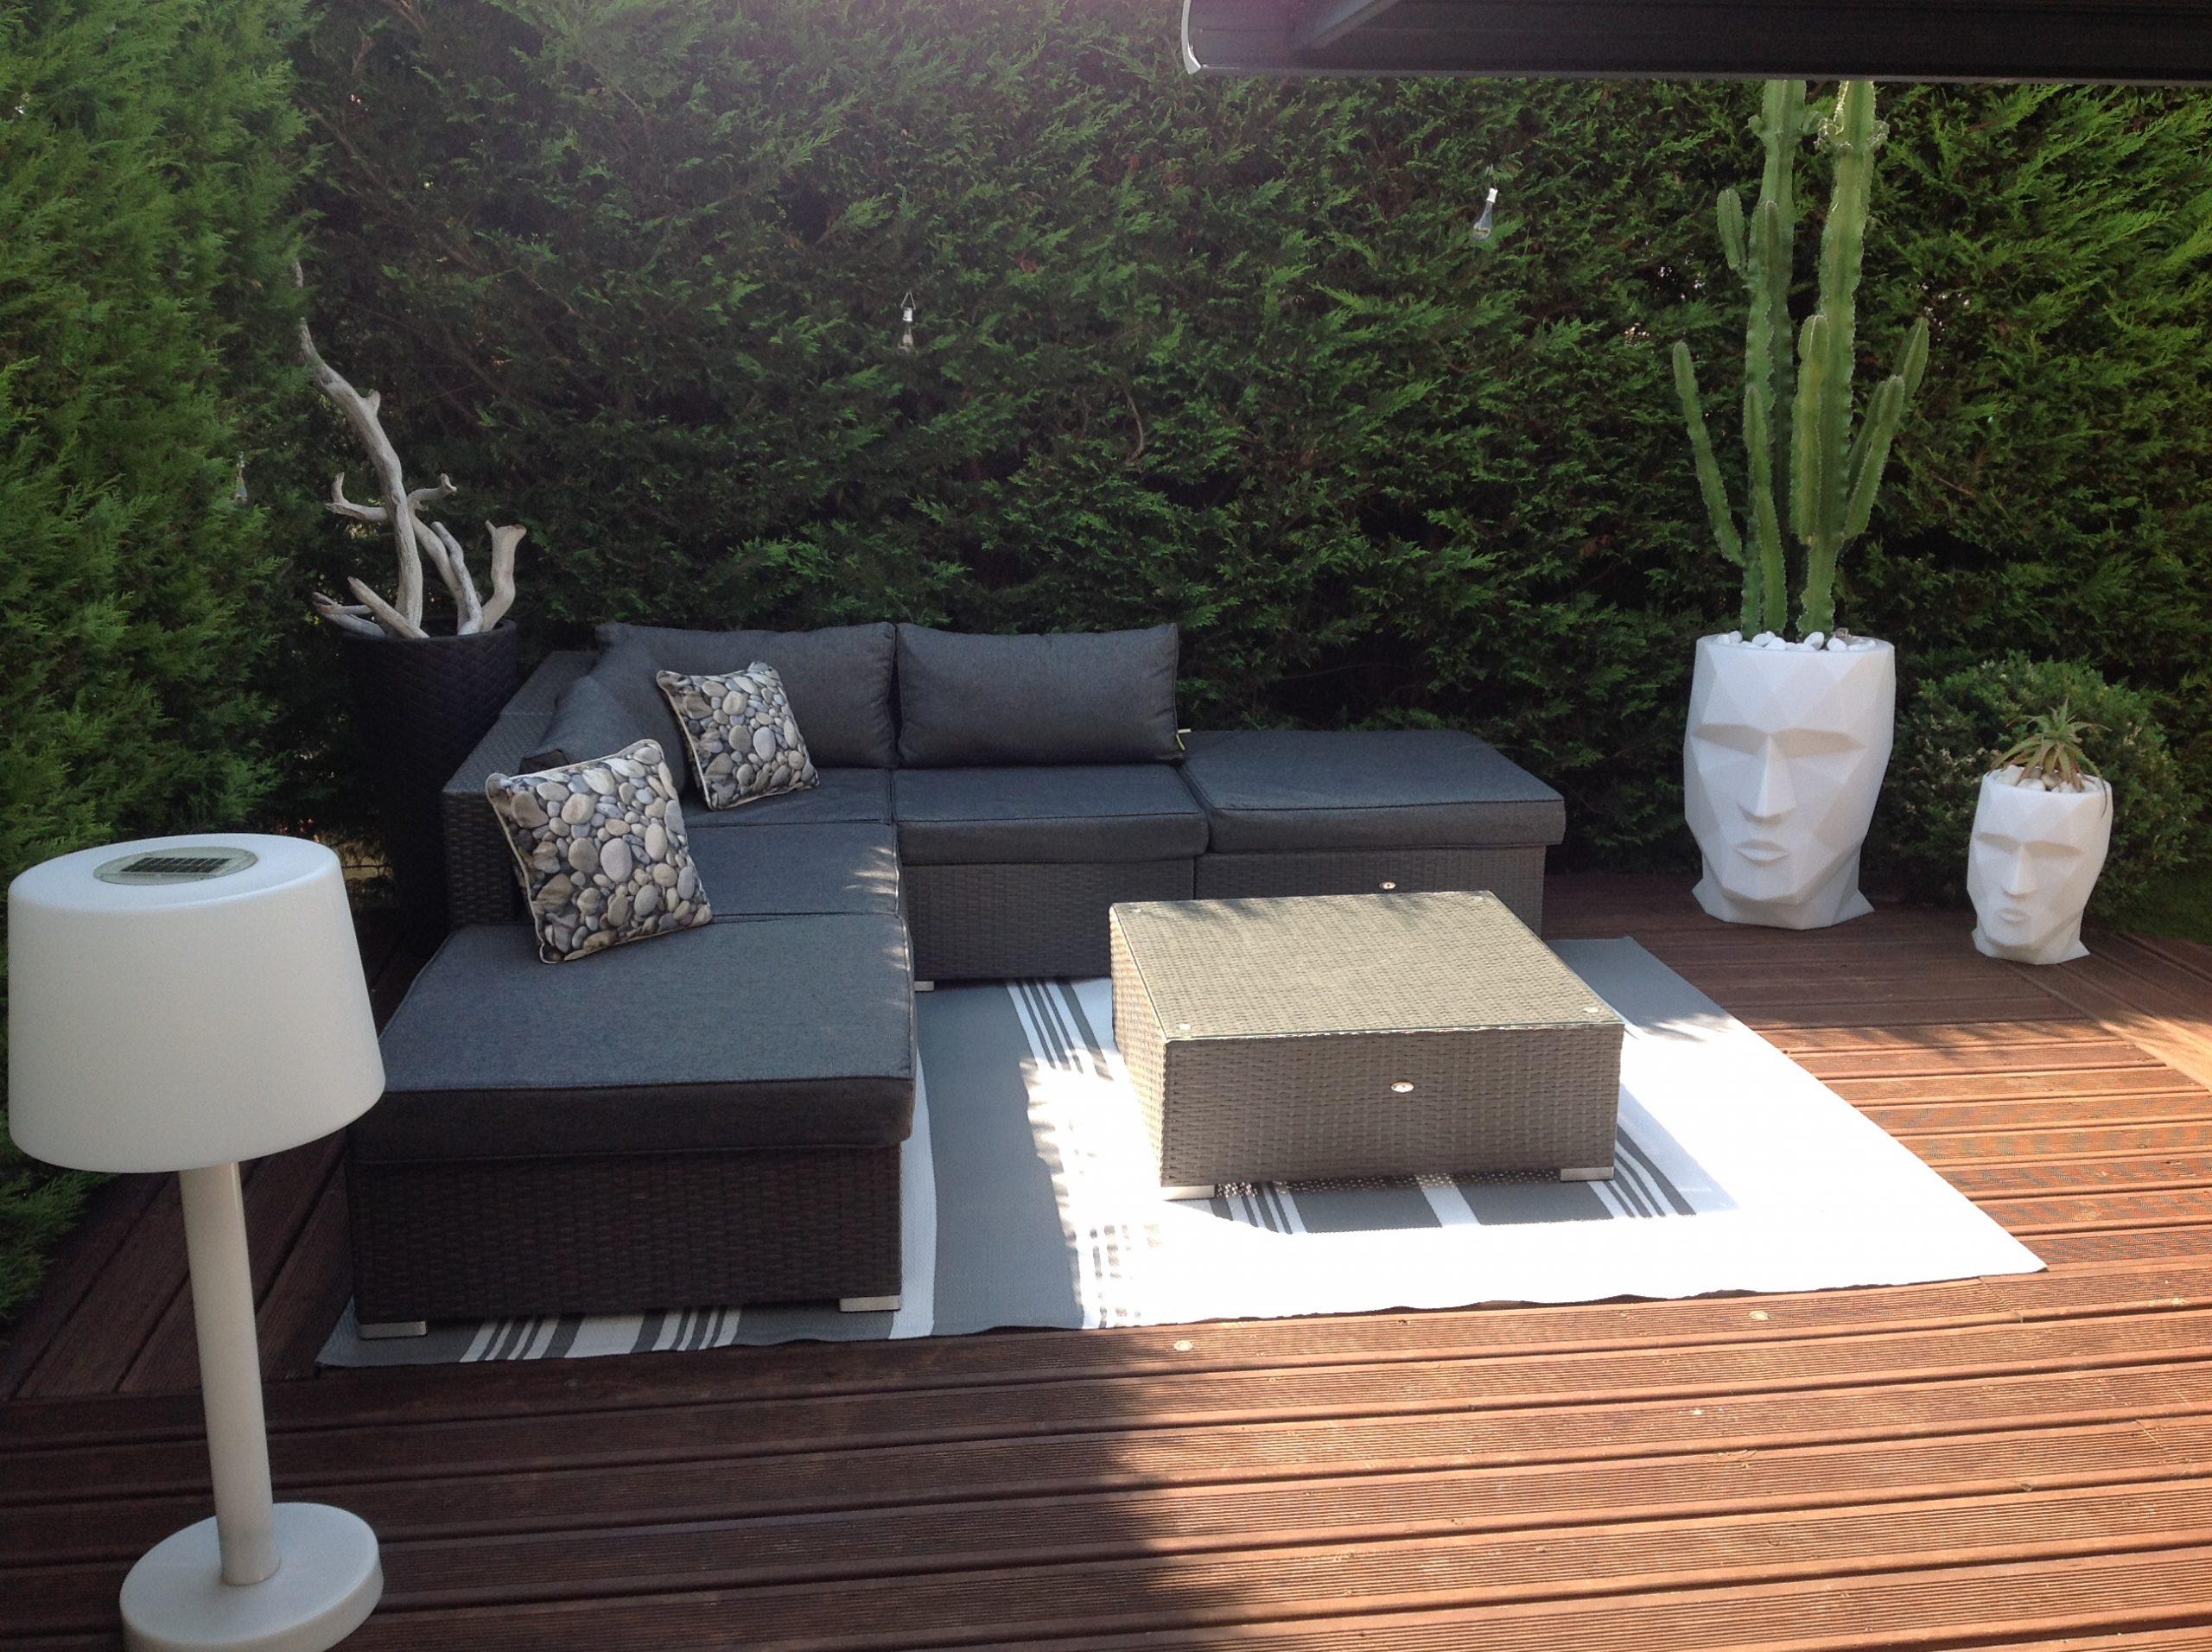 Salon De Jardin Exterieur Design - Yaser.vtngcf.org destiné Brico Depot Salon De Jardin